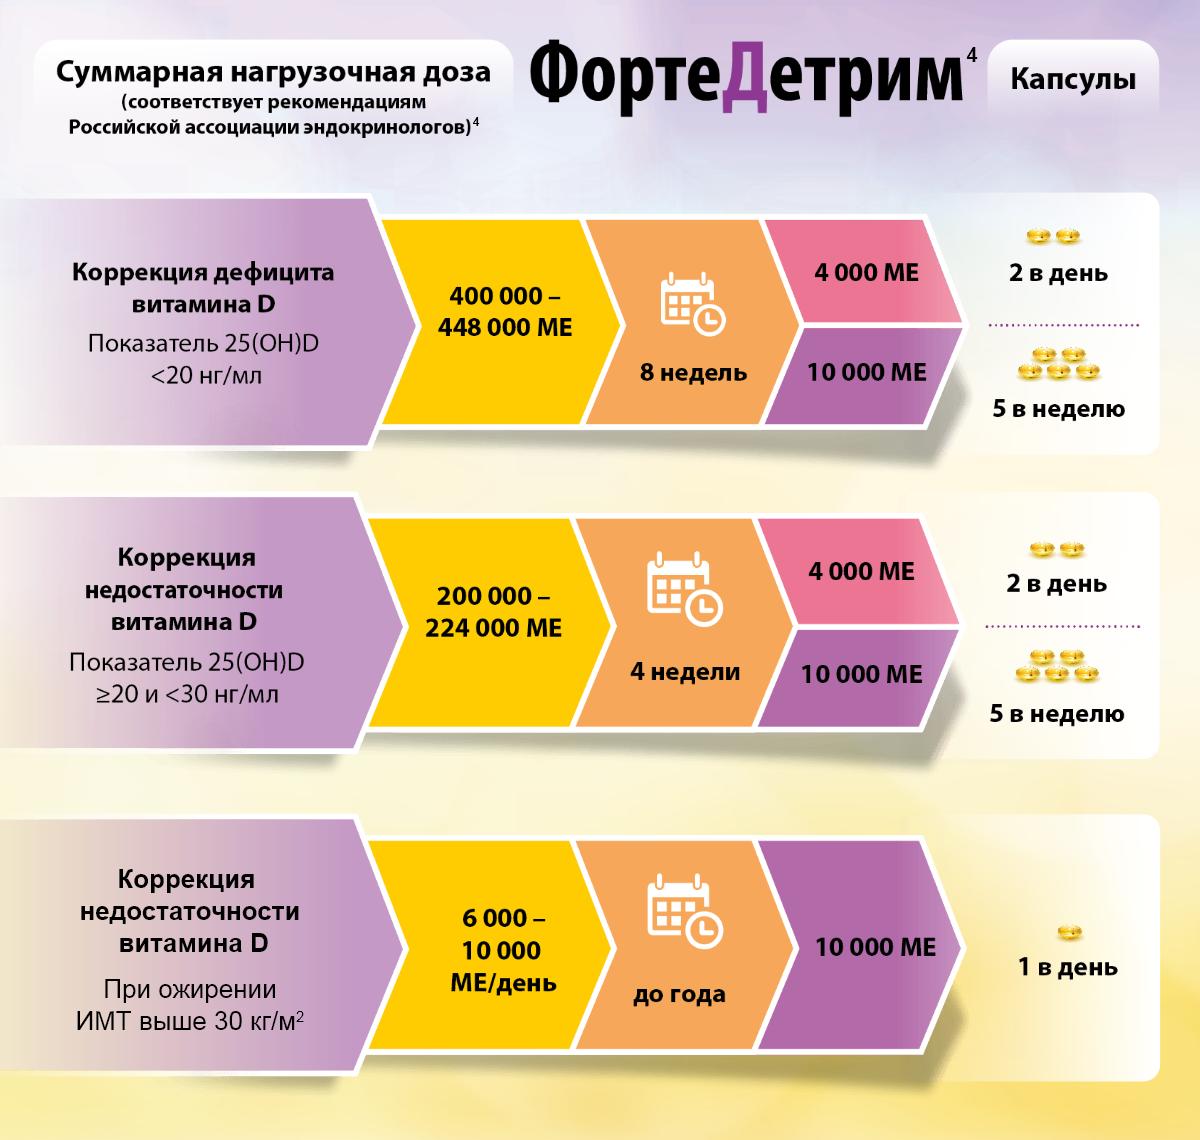 Схема применения витамина D для коррекции состояний дефицита и недостаточности